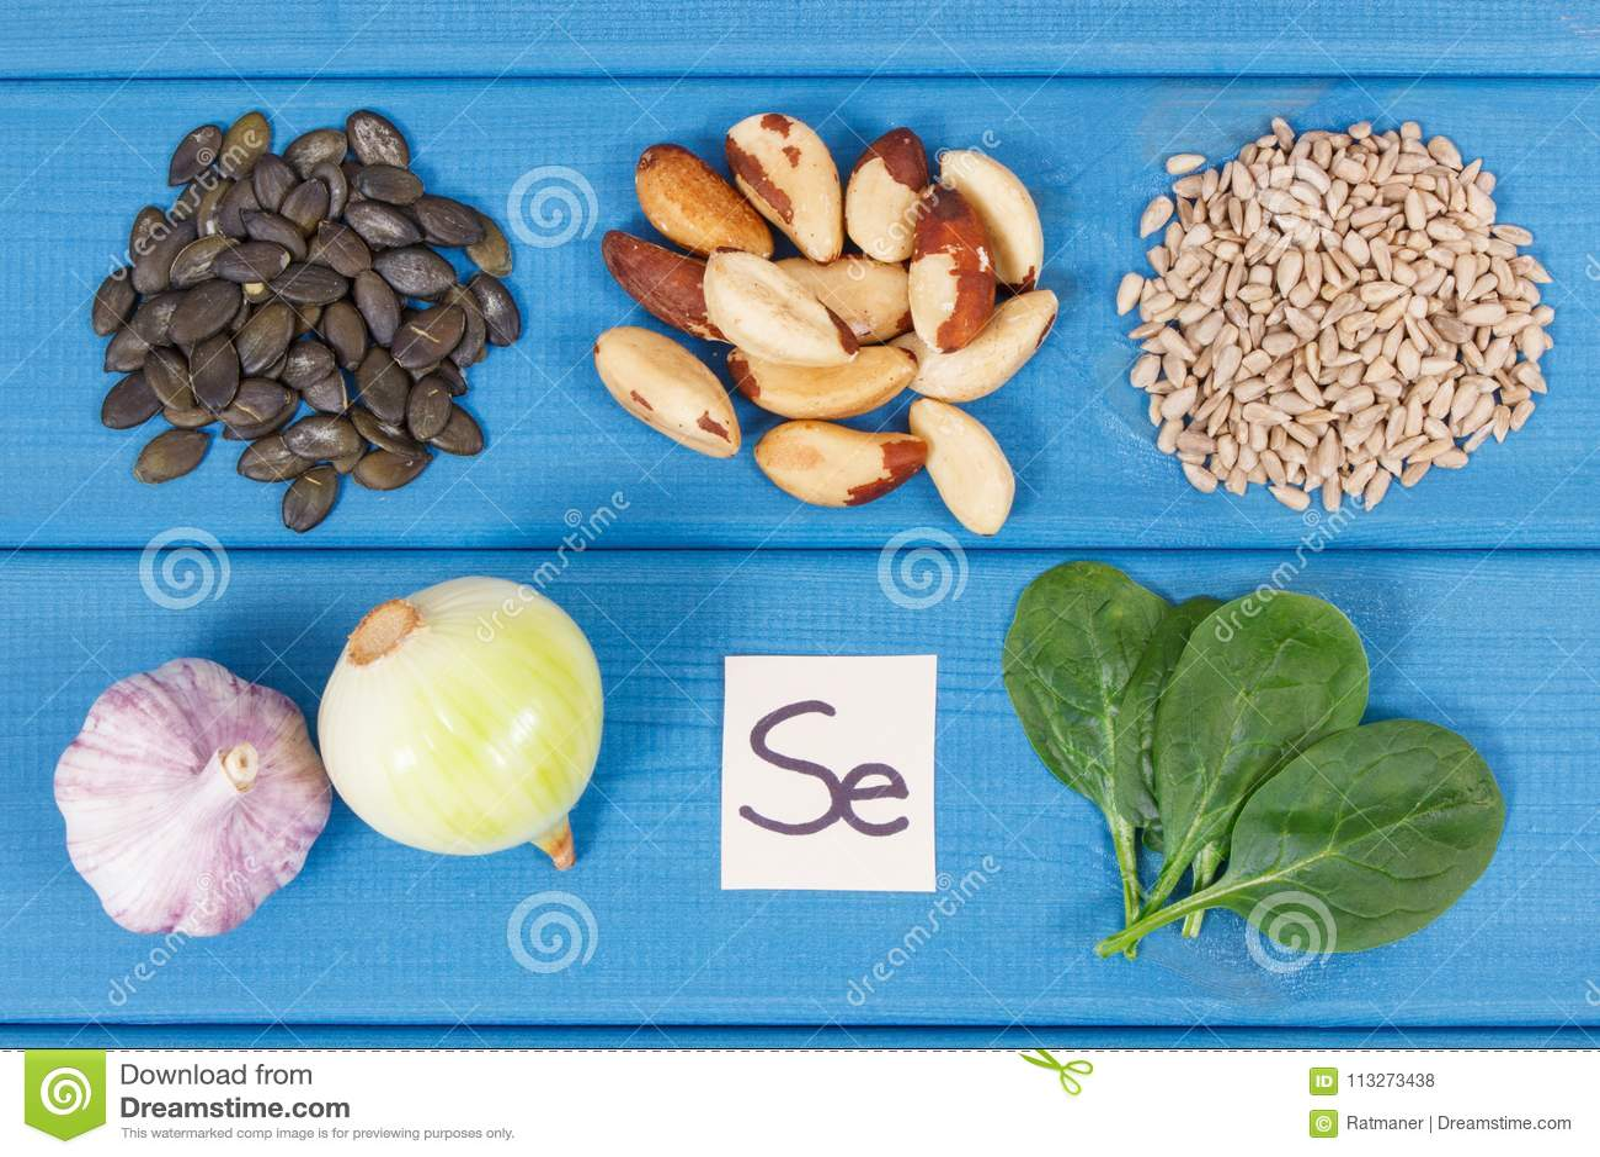 Προϊόντα και συστατικά που περιέχουν το σελήνιο και την τροφική ίνα, υγιής διατροφή